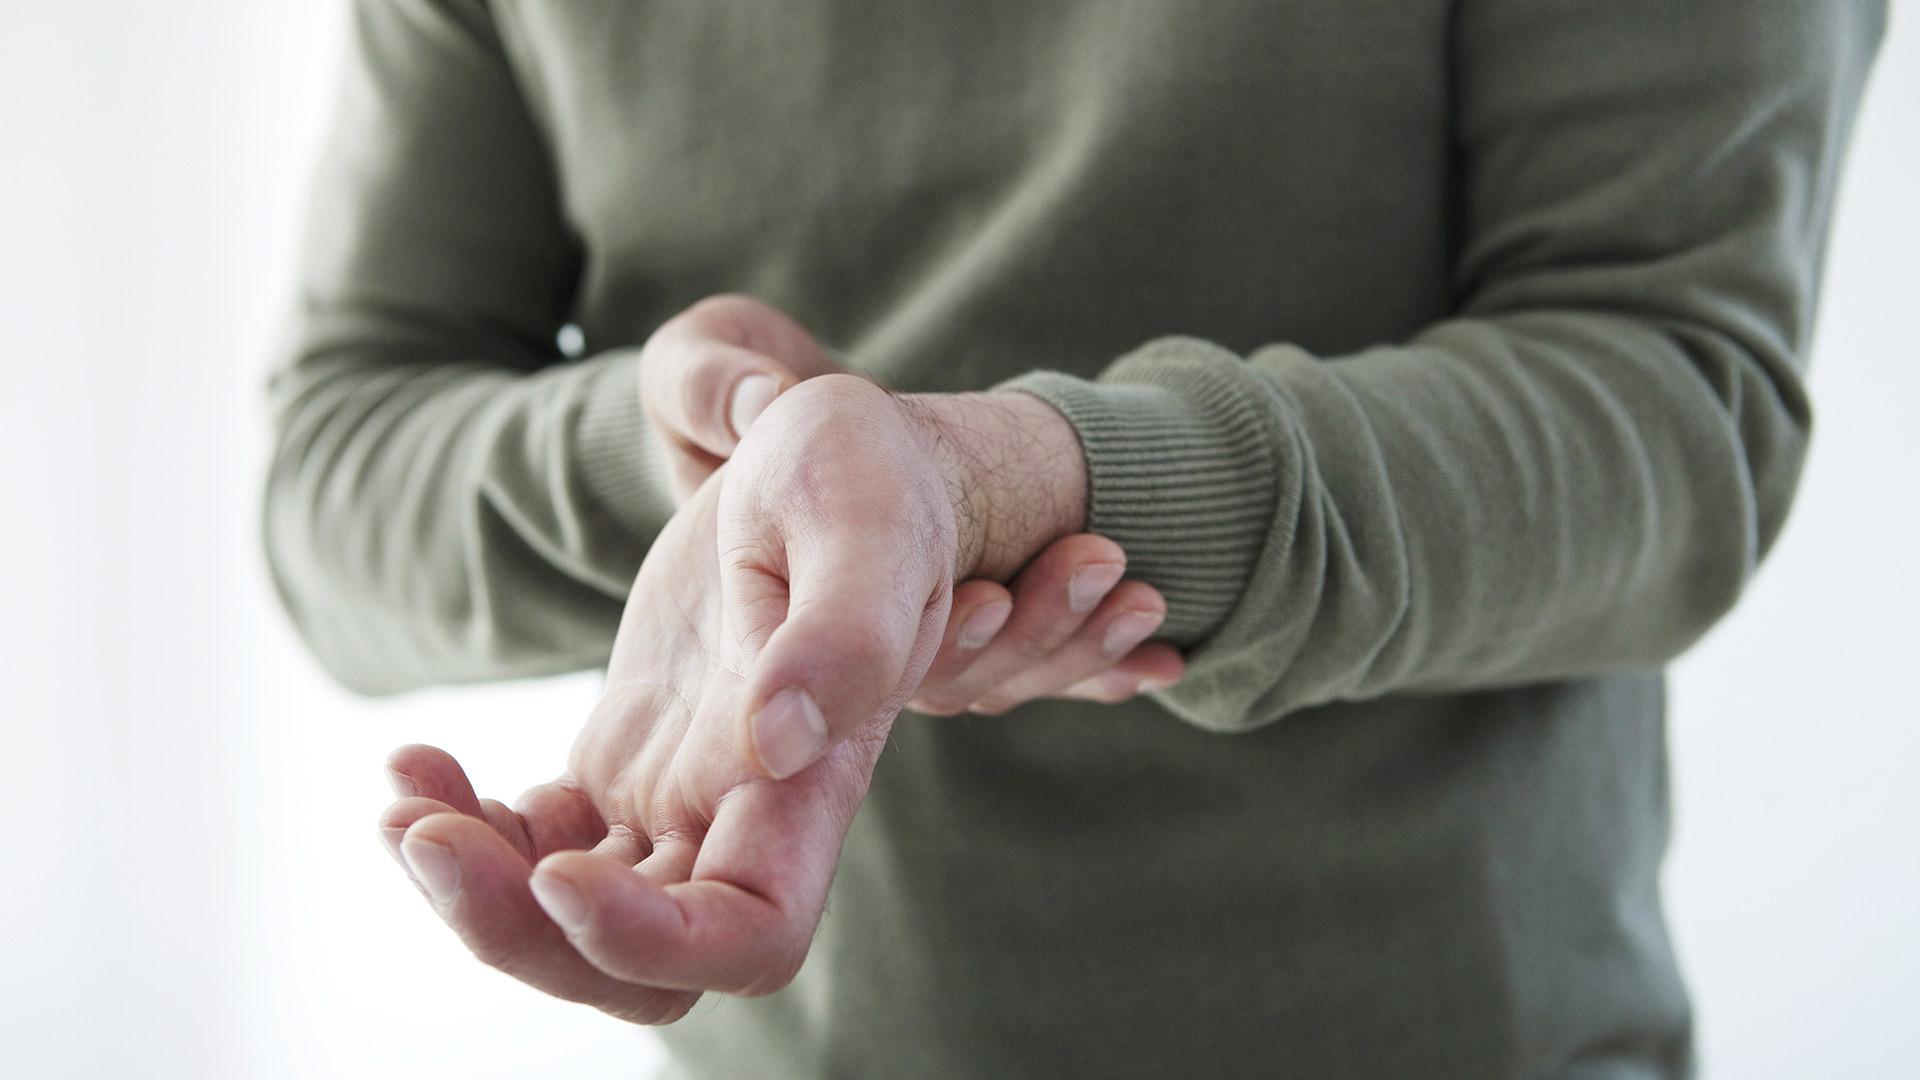 hogyan masszírozza az ujjakat ízületi gyulladás esetén